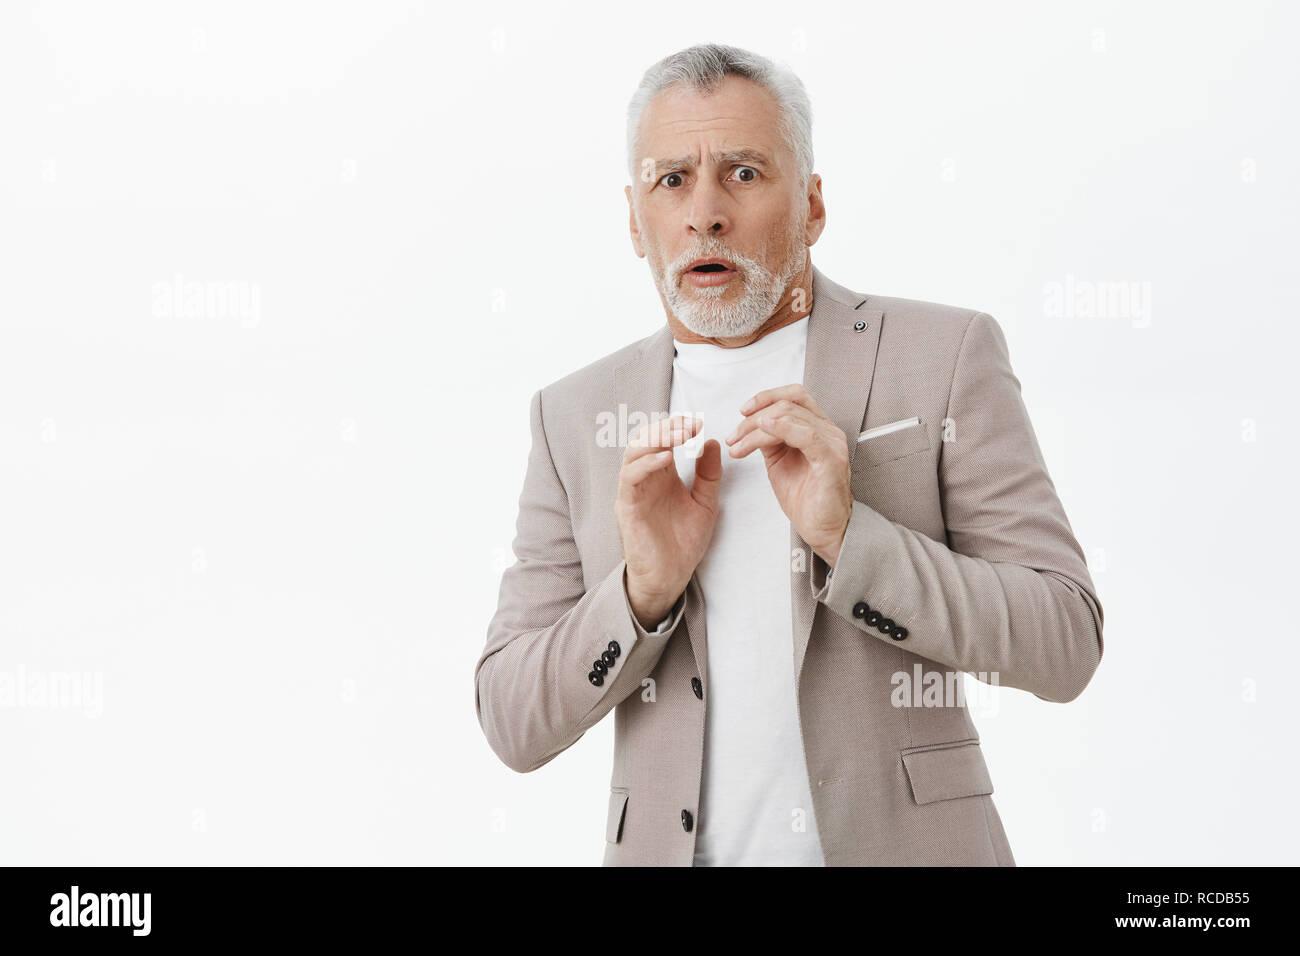 Ritratto di intensa orinato vecchio uomo maschio in elegante abito tenendo premuto le mani al petto passi indietro da antipatia ed avversione sensazione inquietante e timida in posa contro uno sfondo bianco Immagini Stock